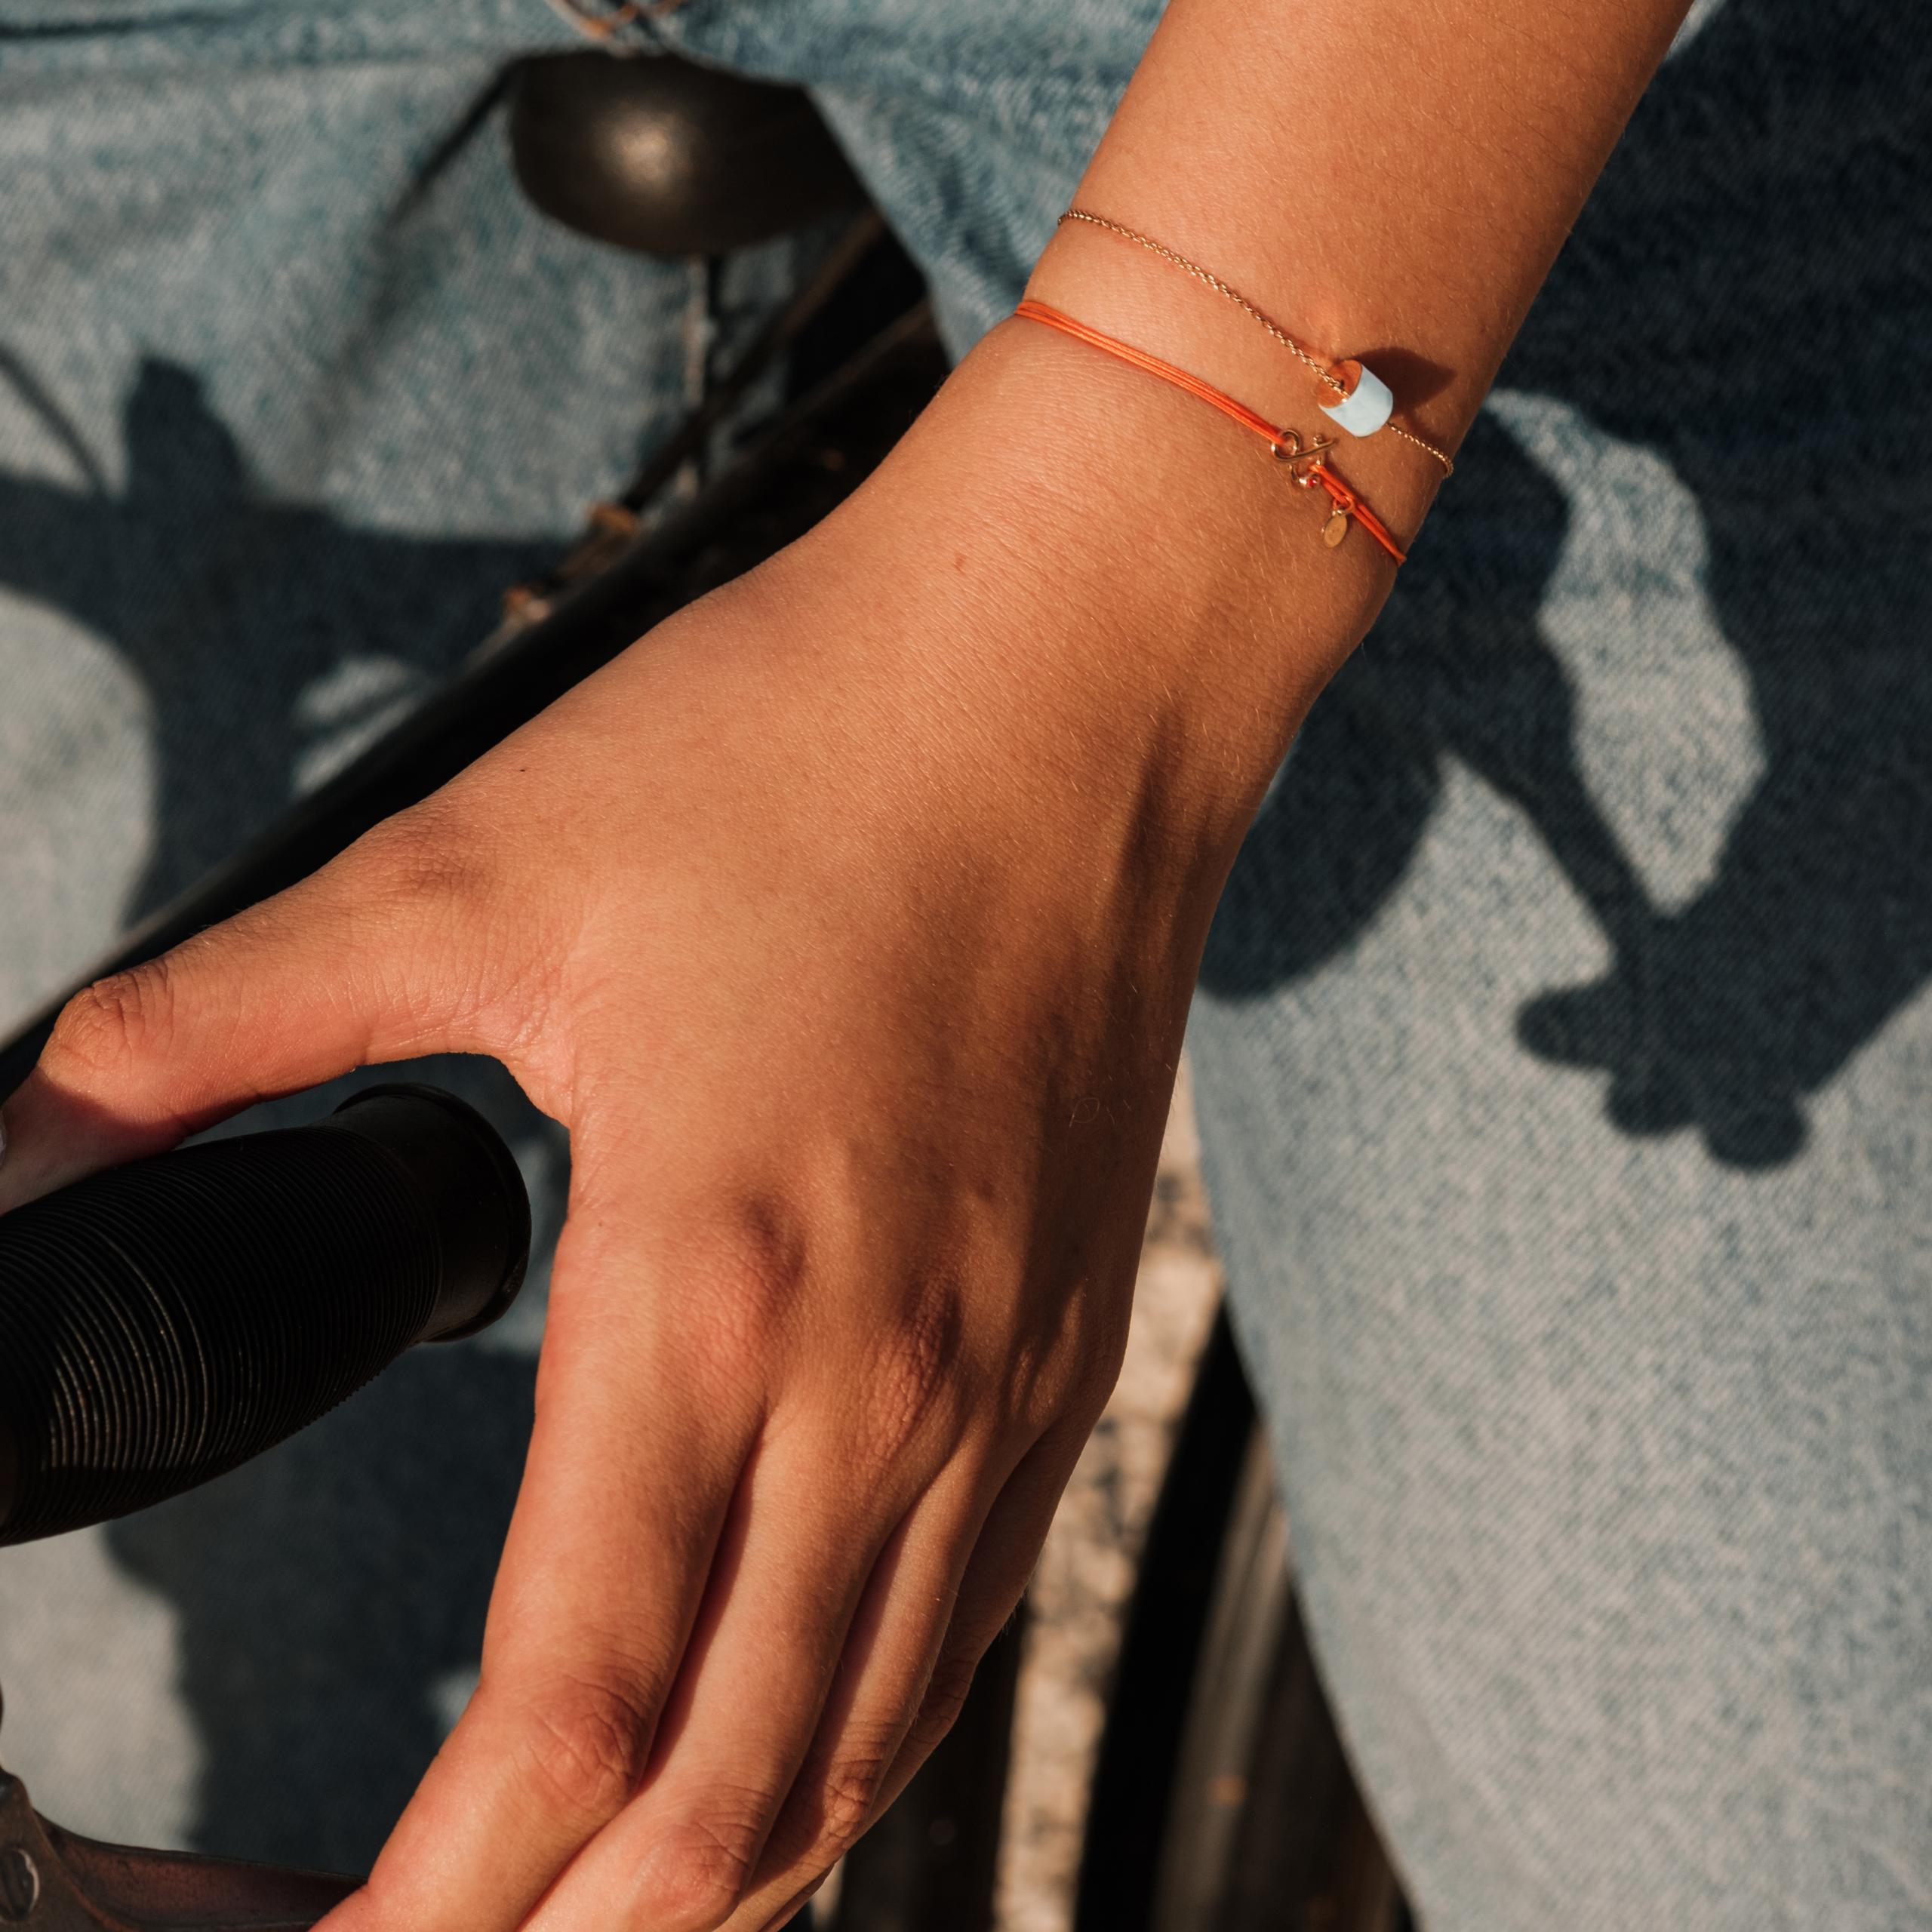 Bracelet Céleste marbre de carrare or rose 18 carats recyclé Bracelet cordon orange esperluette diamant pierre naturelle or 18 carats recyclé mineral joaillerie éthique femme bijoux mixtes